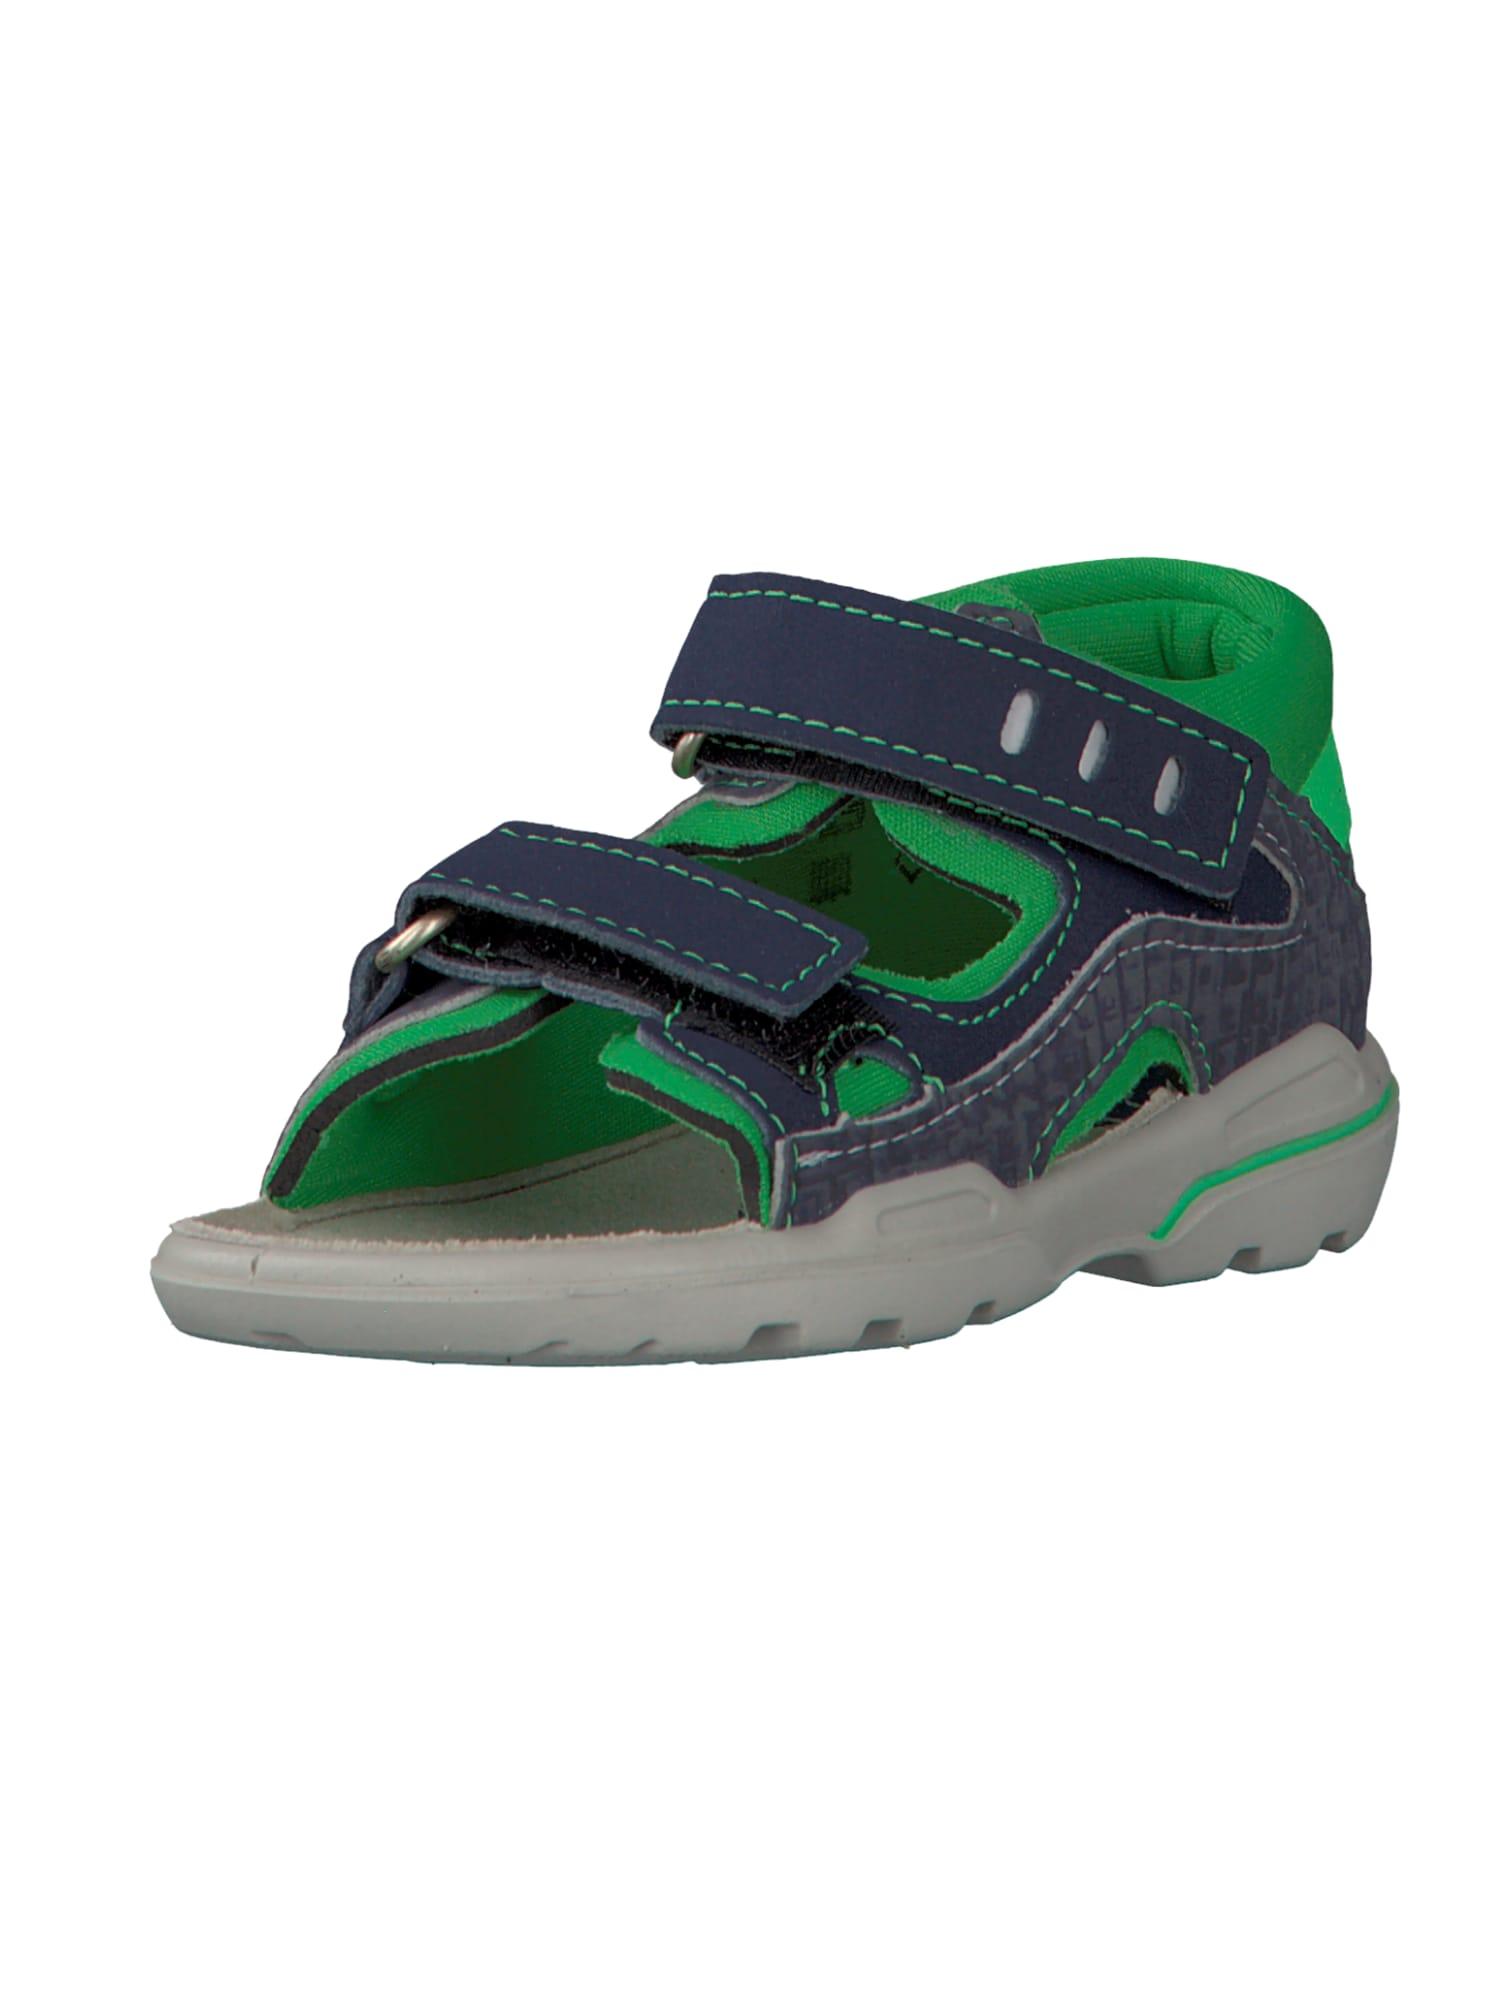 Otevřená obuv ESPI námořnická modř zelená Pepino